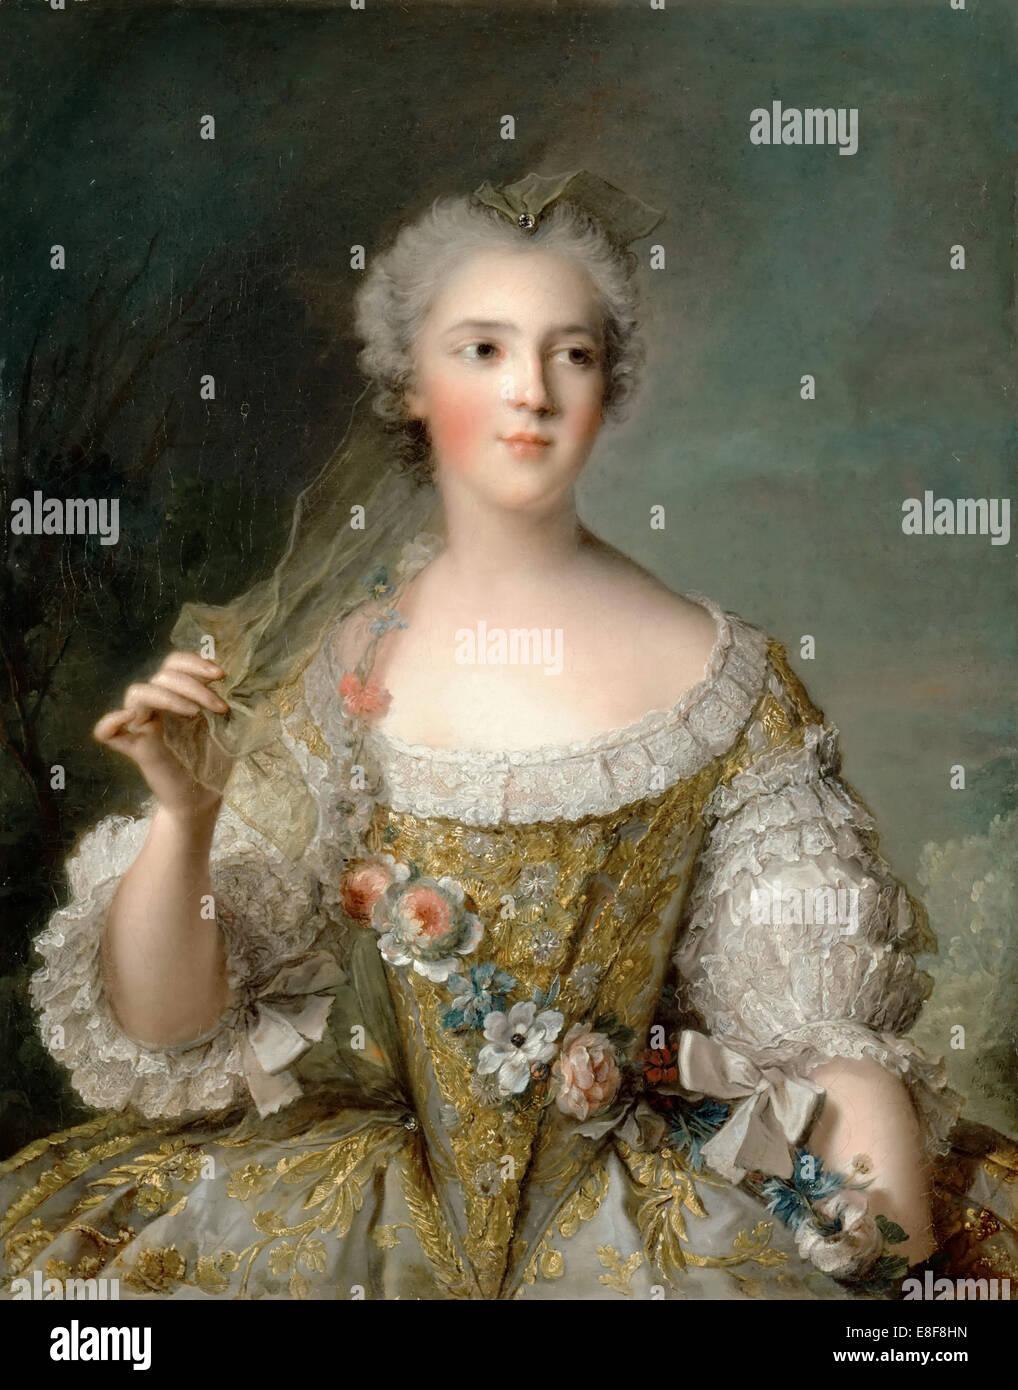 La principessa Sophie di Francia (1734-1782). Artista: Nattier, Jean-Marc (1685-1766) Immagini Stock